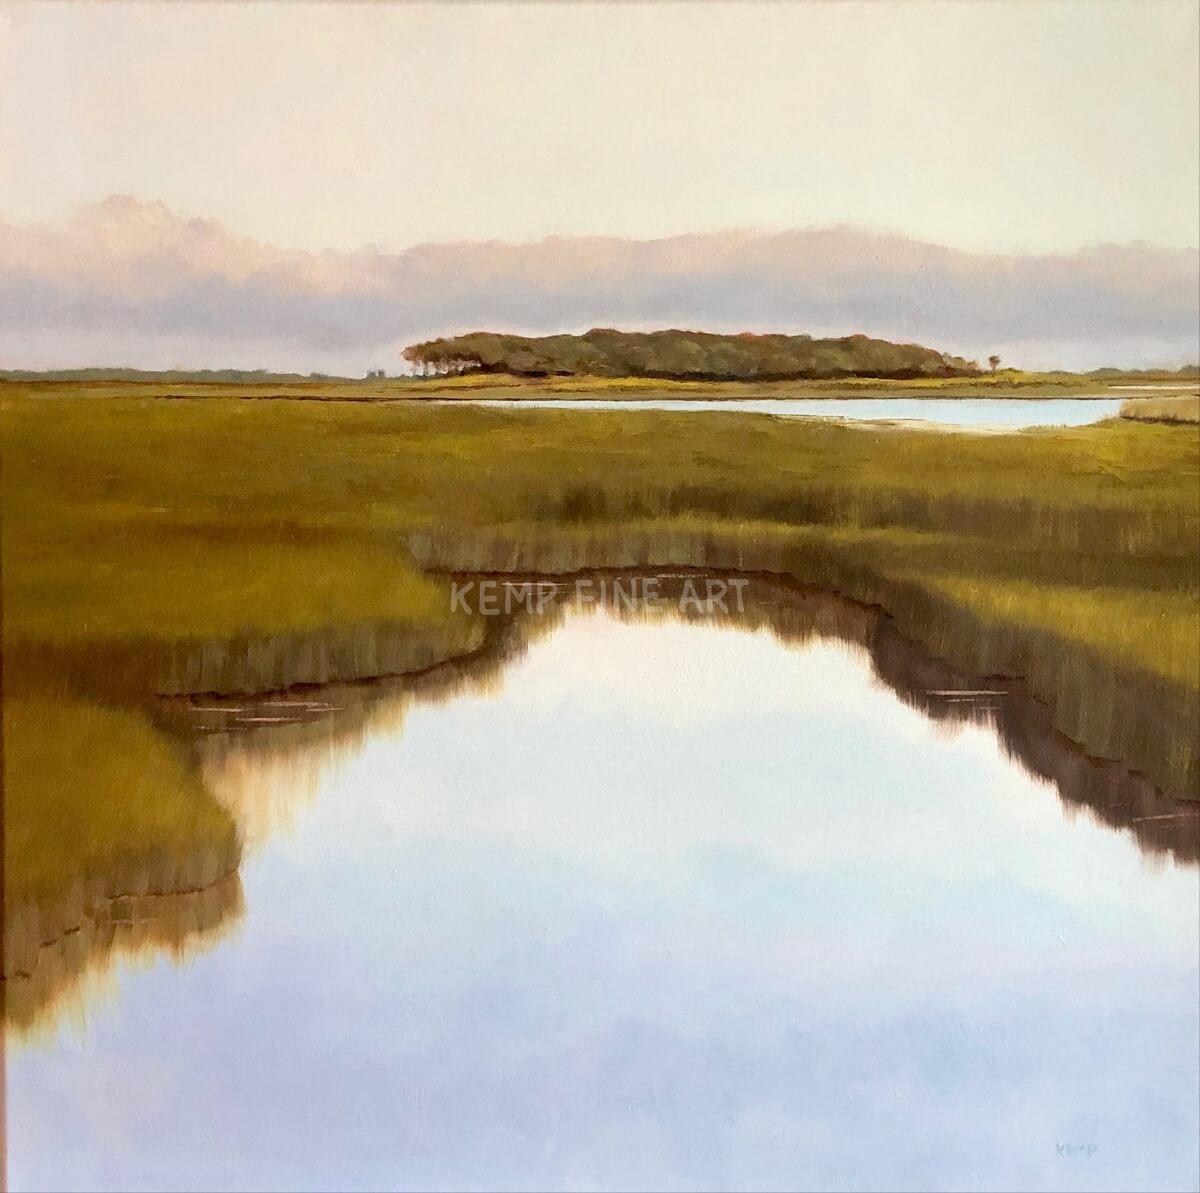 Morning Still | Oil on Canvas - by Jim Kemp